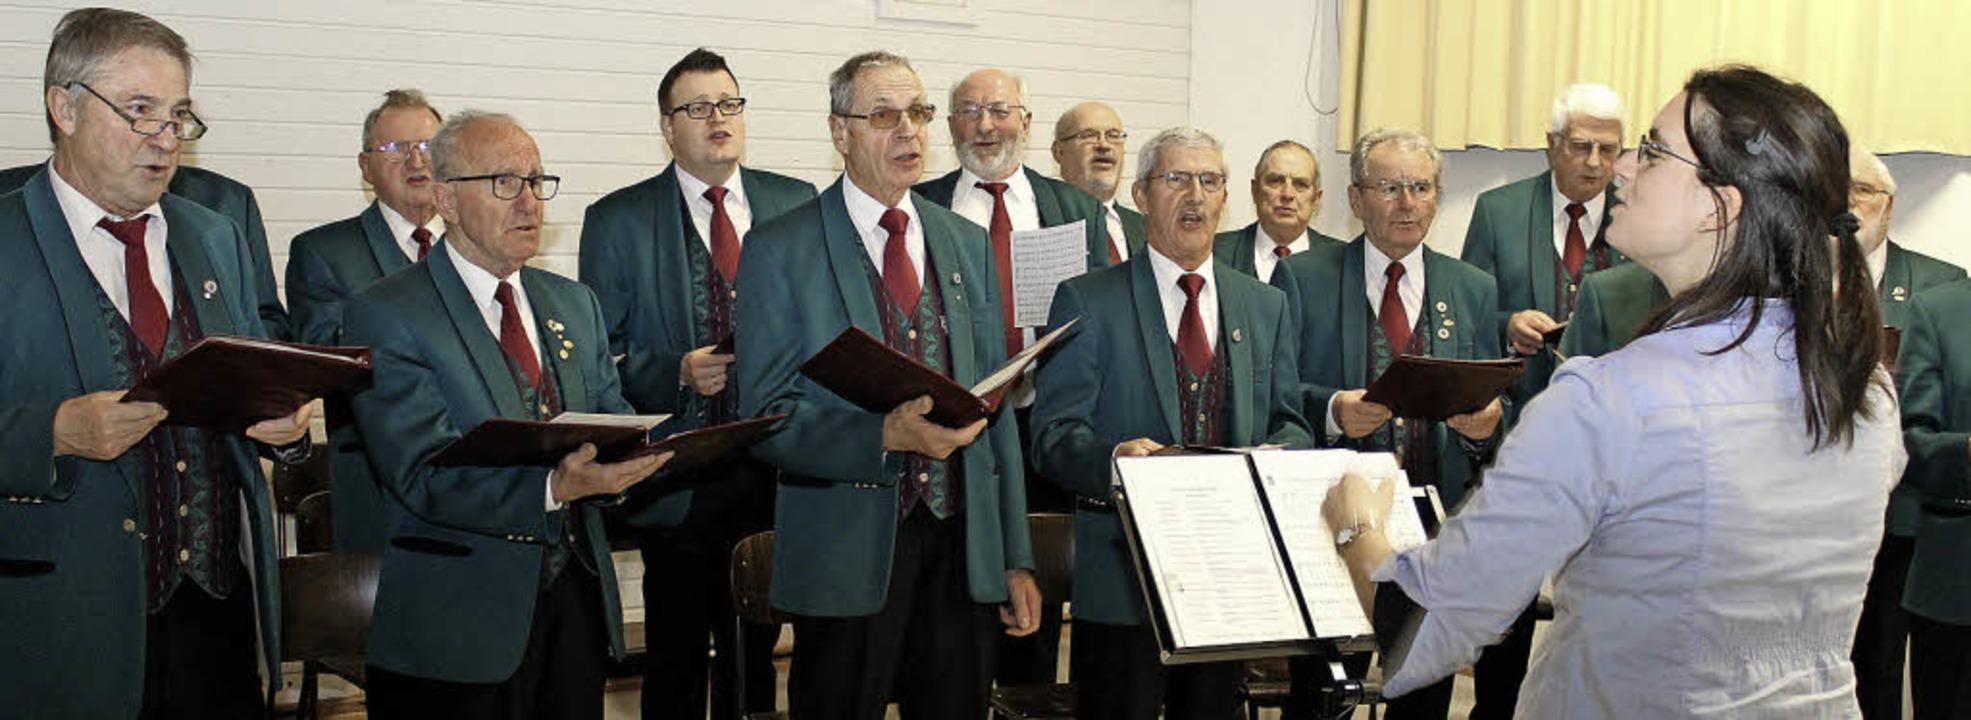 Der Männergesangverein Liederkranz unt...on  beim Neujahrsempfang in Gottenheim  | Foto: Mario Schöneberg